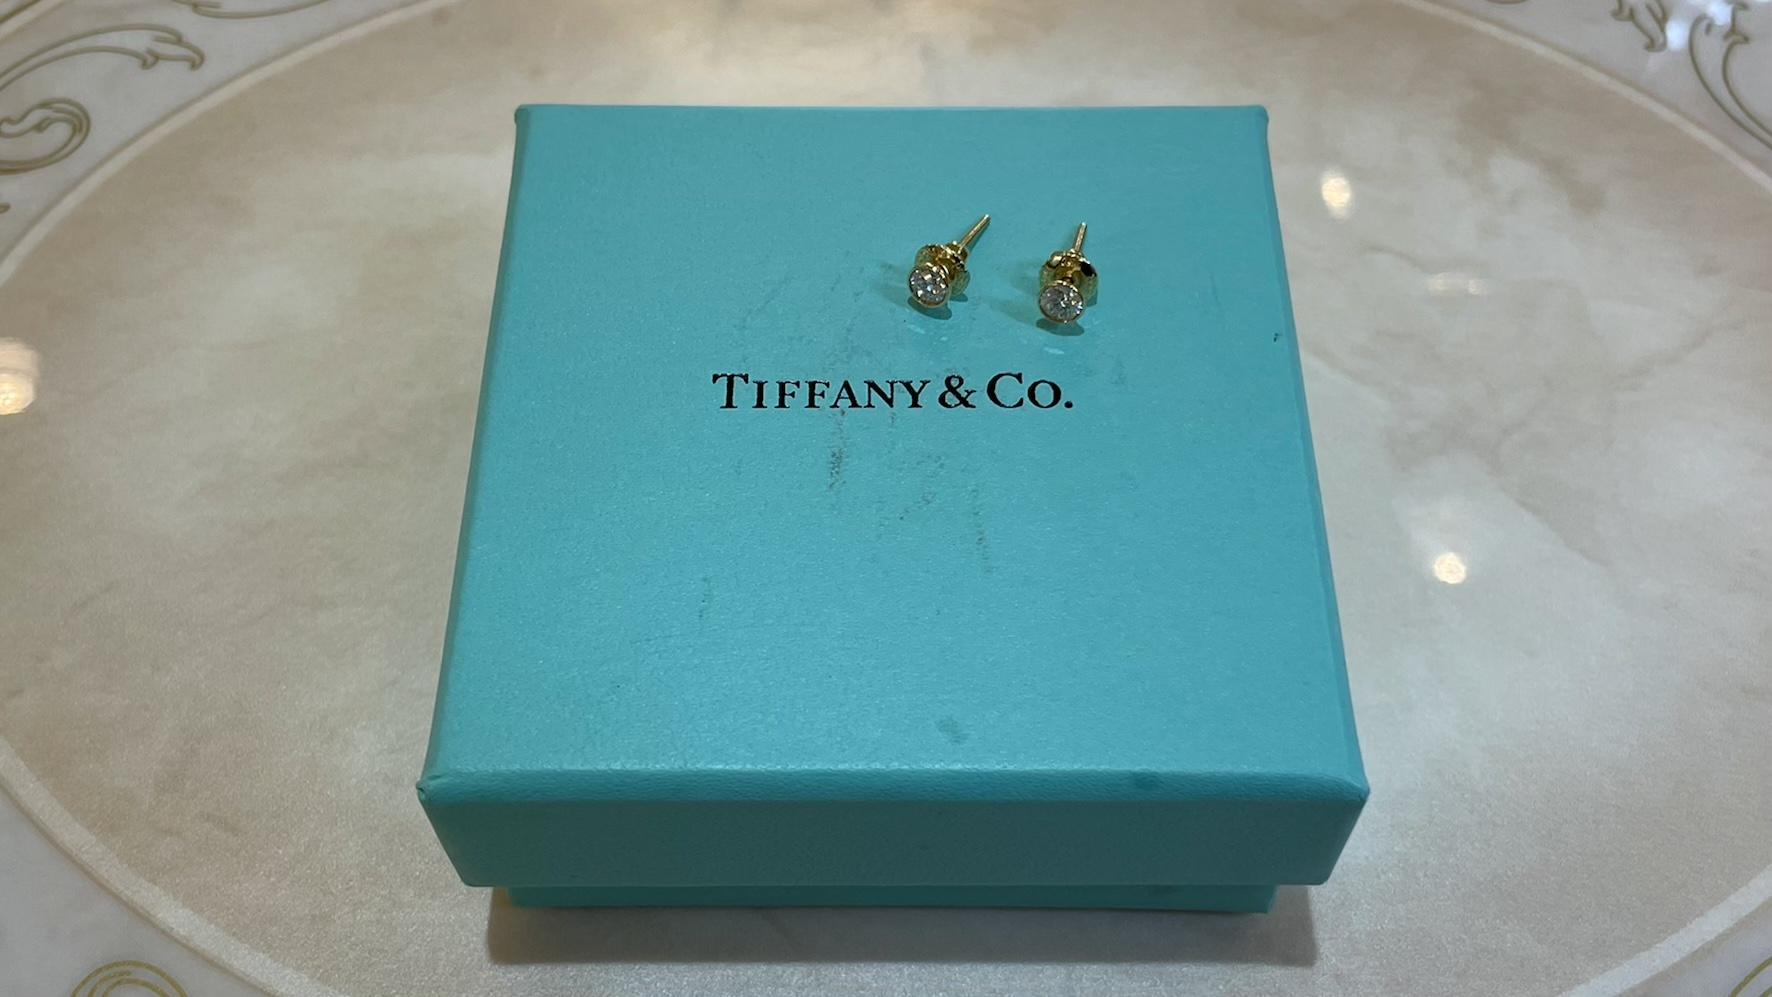 【買取速報】ダイヤモンド、ピアス・イヤリング、750、Tiffany & Co.-2021-04-22